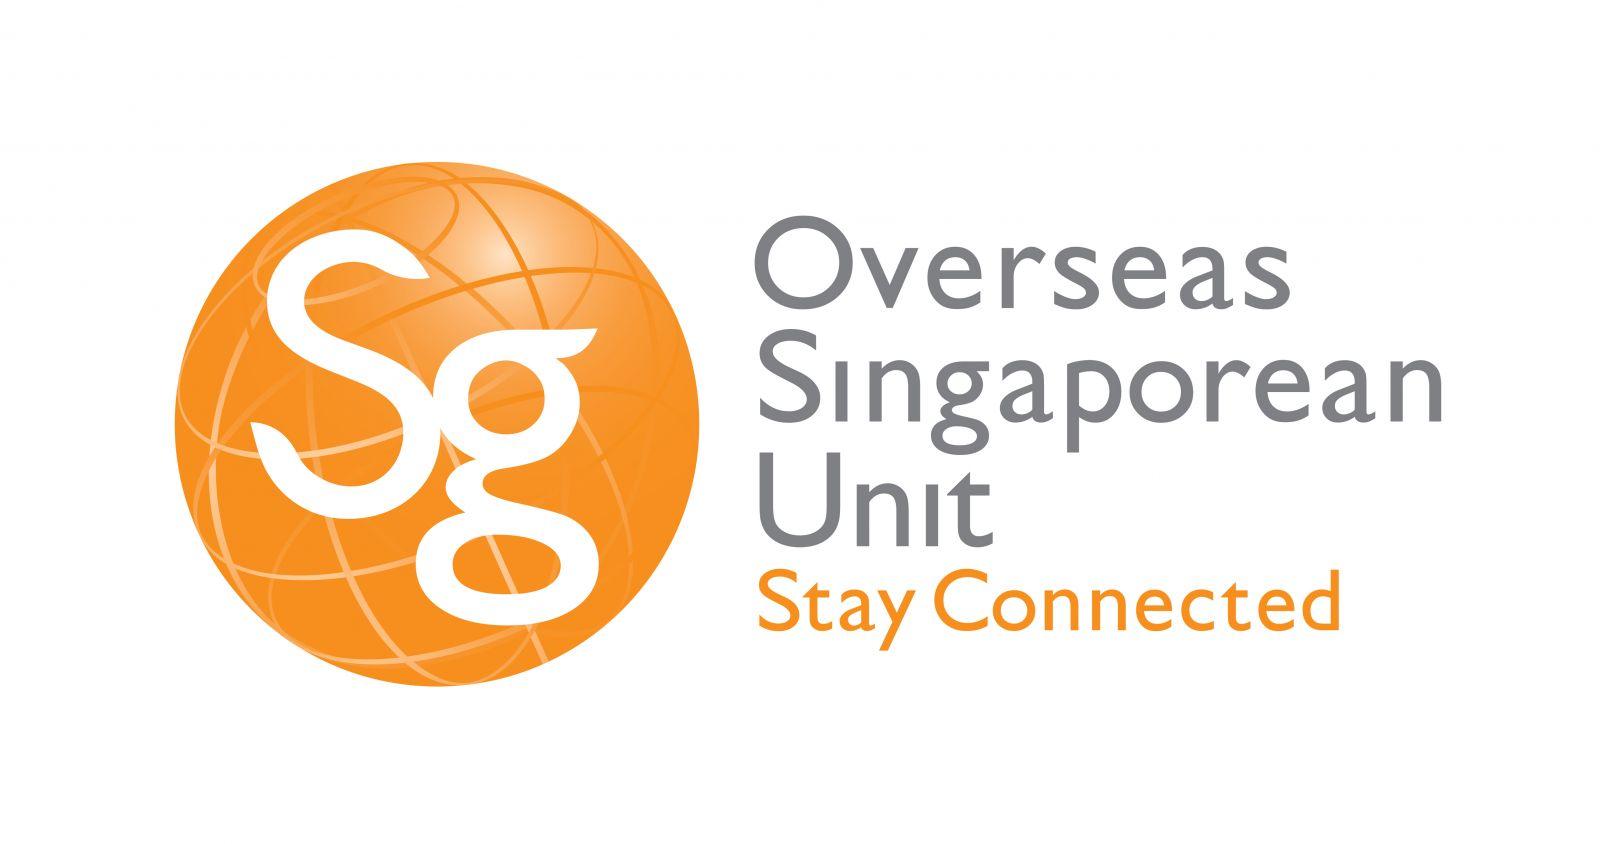 Overseas Singaporean Unit